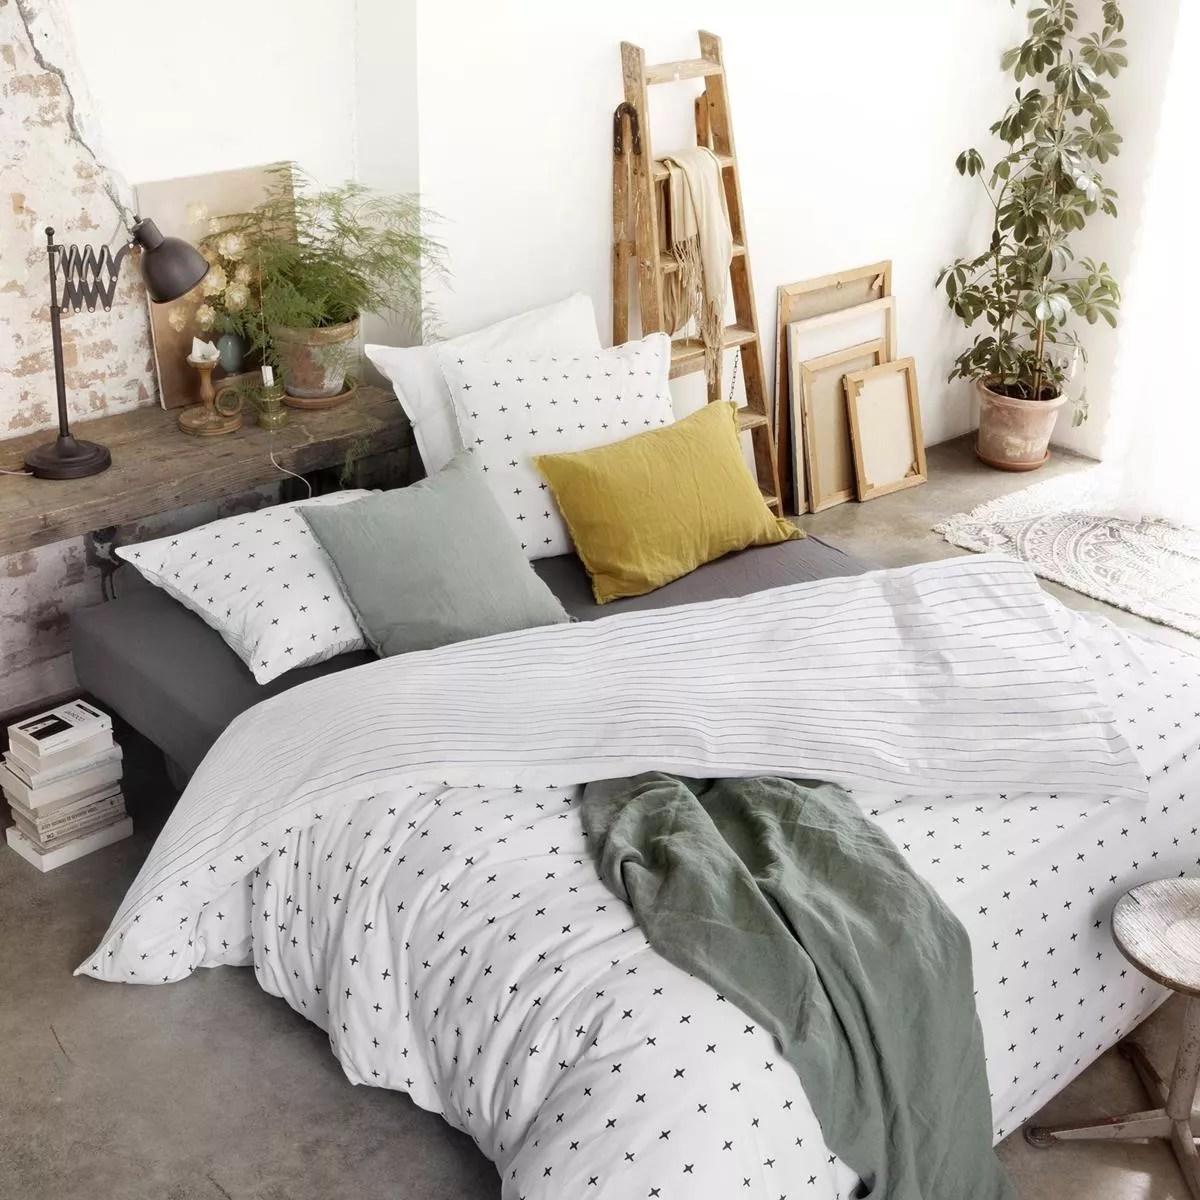 Shop-the-look   Dé dekbedovertrek-trends van lente 2018 - Lifestyle- & woonblog StijlvolStyling.com (beeld: fonQ)